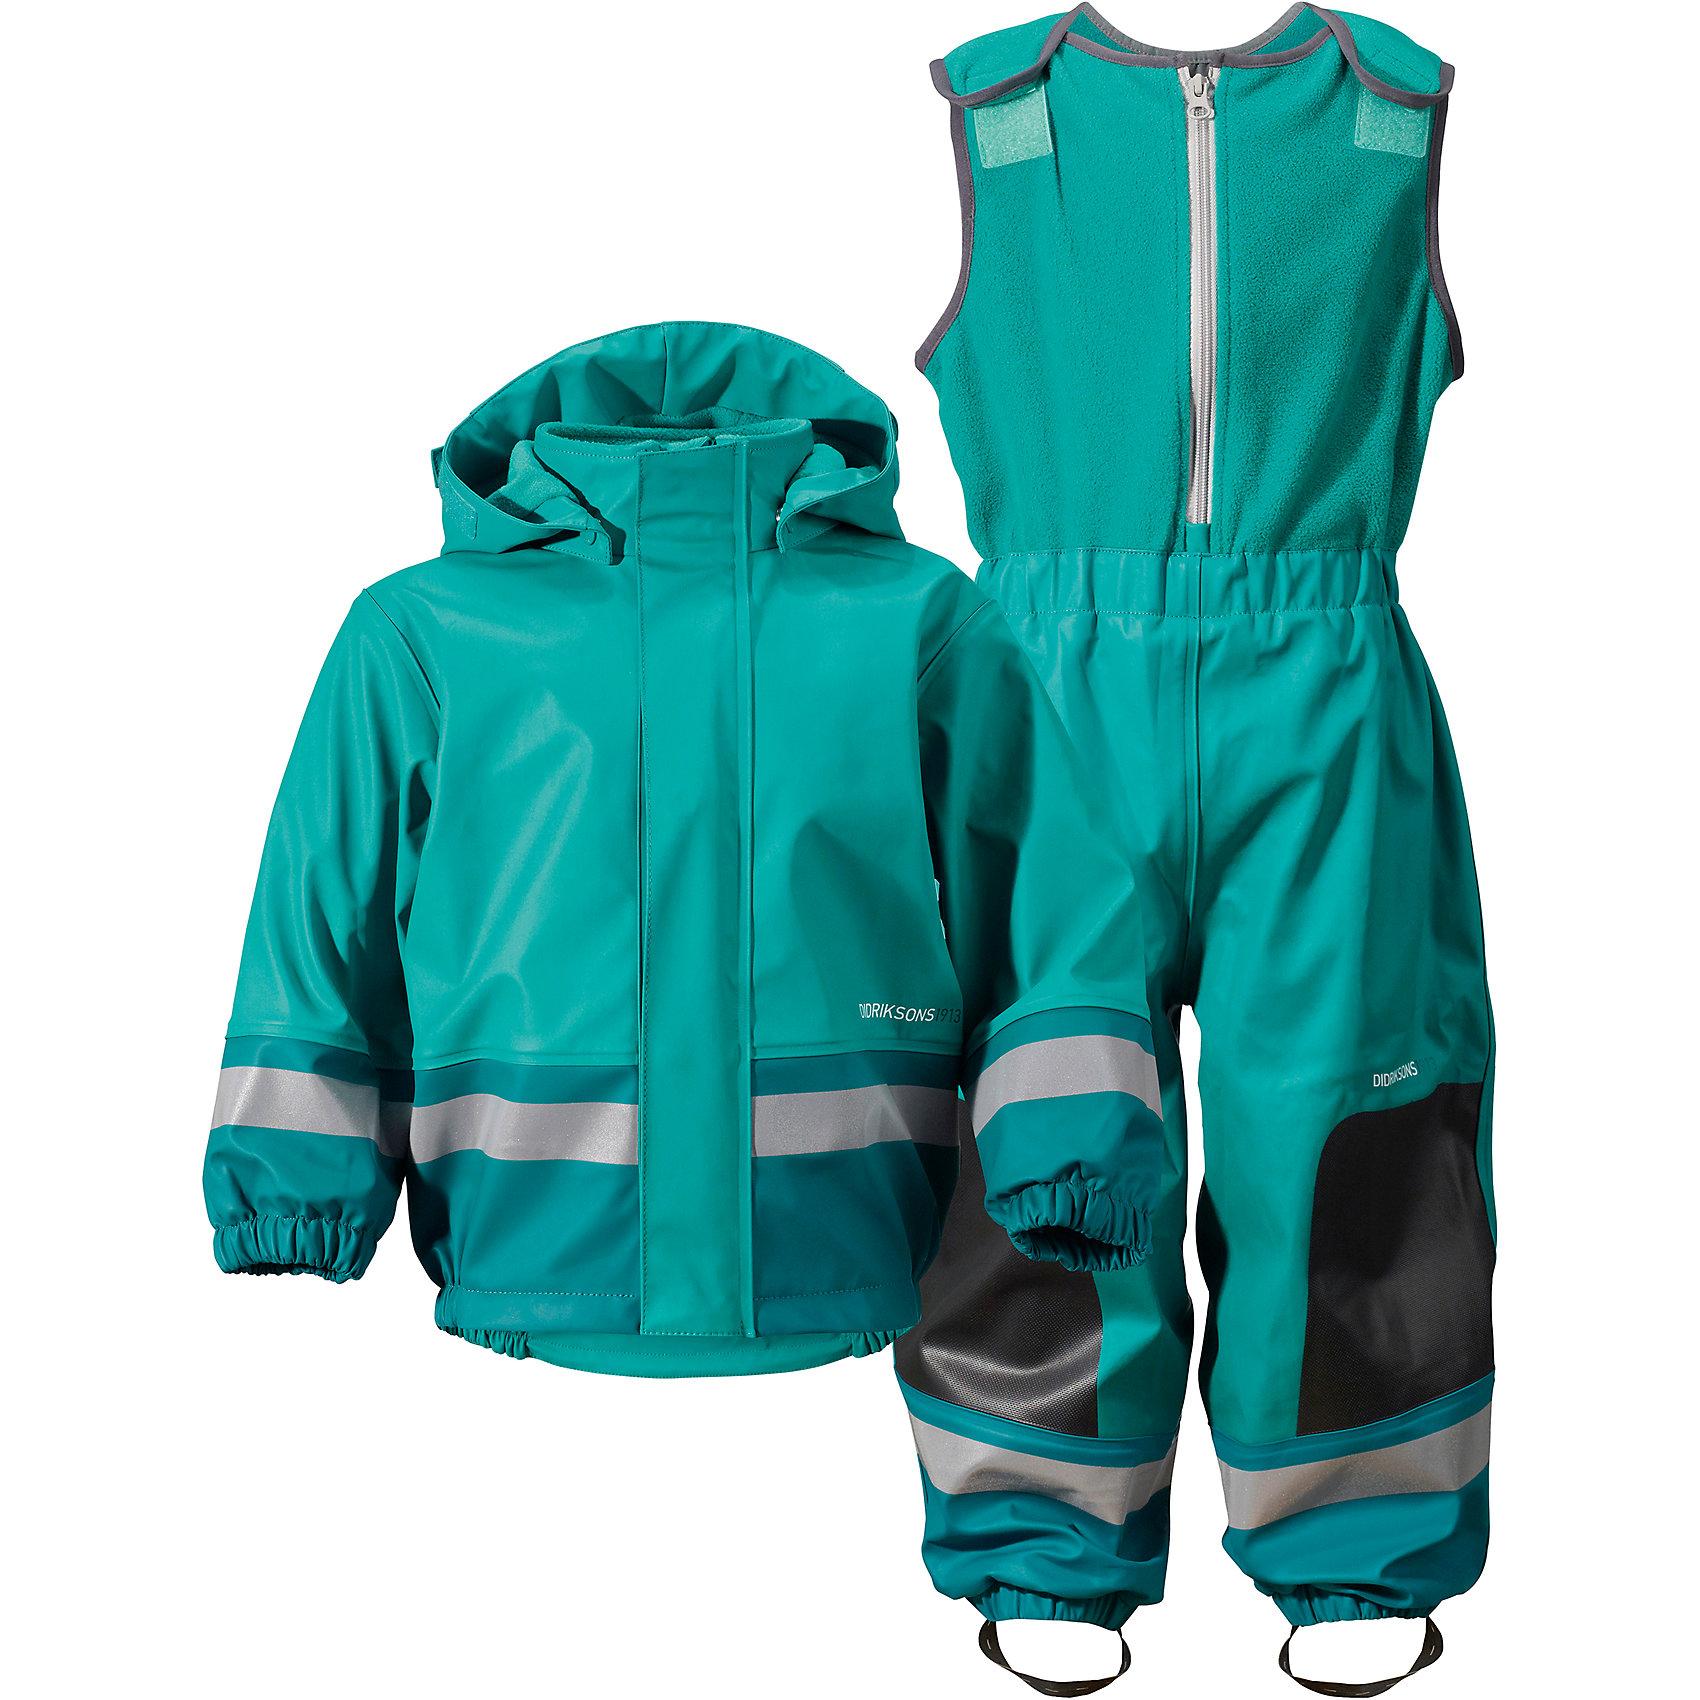 Непромокаемый комплект BOARDMAN  DIDRIKSONSВерхняя одежда<br>Детский костюм из абсолютно водронепроницаемого мягкого полиуретана Galon на подкладке из флиса. Все швы проклеены, что обеспечивает максимальную защиту от внешней влаги. Регулируемый съемный капюшон и пояс брюк. Резинки для ботинок. Фронтальная молния под планкой. Зона коленей усилена дополнительным слоем ткани. Светоотражатели. Ткань - износоустойчивая, за ней легко ухаживать - грязь легко удаляется с помощью влажной губки или ткани. Костюм незаменим в ненастную прохладную погоду, рассчитан на температуру от 0 до +7. Ребёнок будет счастлив обмерить все лужи, залезть на все сугробы и прокатиться на грязных горках и останется сухим, а мама довольной.<br>Состав:<br>Верх - 100% полиуретан, подкладка - 100% полиэстер<br><br>Ширина мм: 356<br>Глубина мм: 10<br>Высота мм: 245<br>Вес г: 519<br>Цвет: зеленый<br>Возраст от месяцев: 6<br>Возраст до месяцев: 9<br>Пол: Унисекс<br>Возраст: Детский<br>Размер: 70,80<br>SKU: 5527185